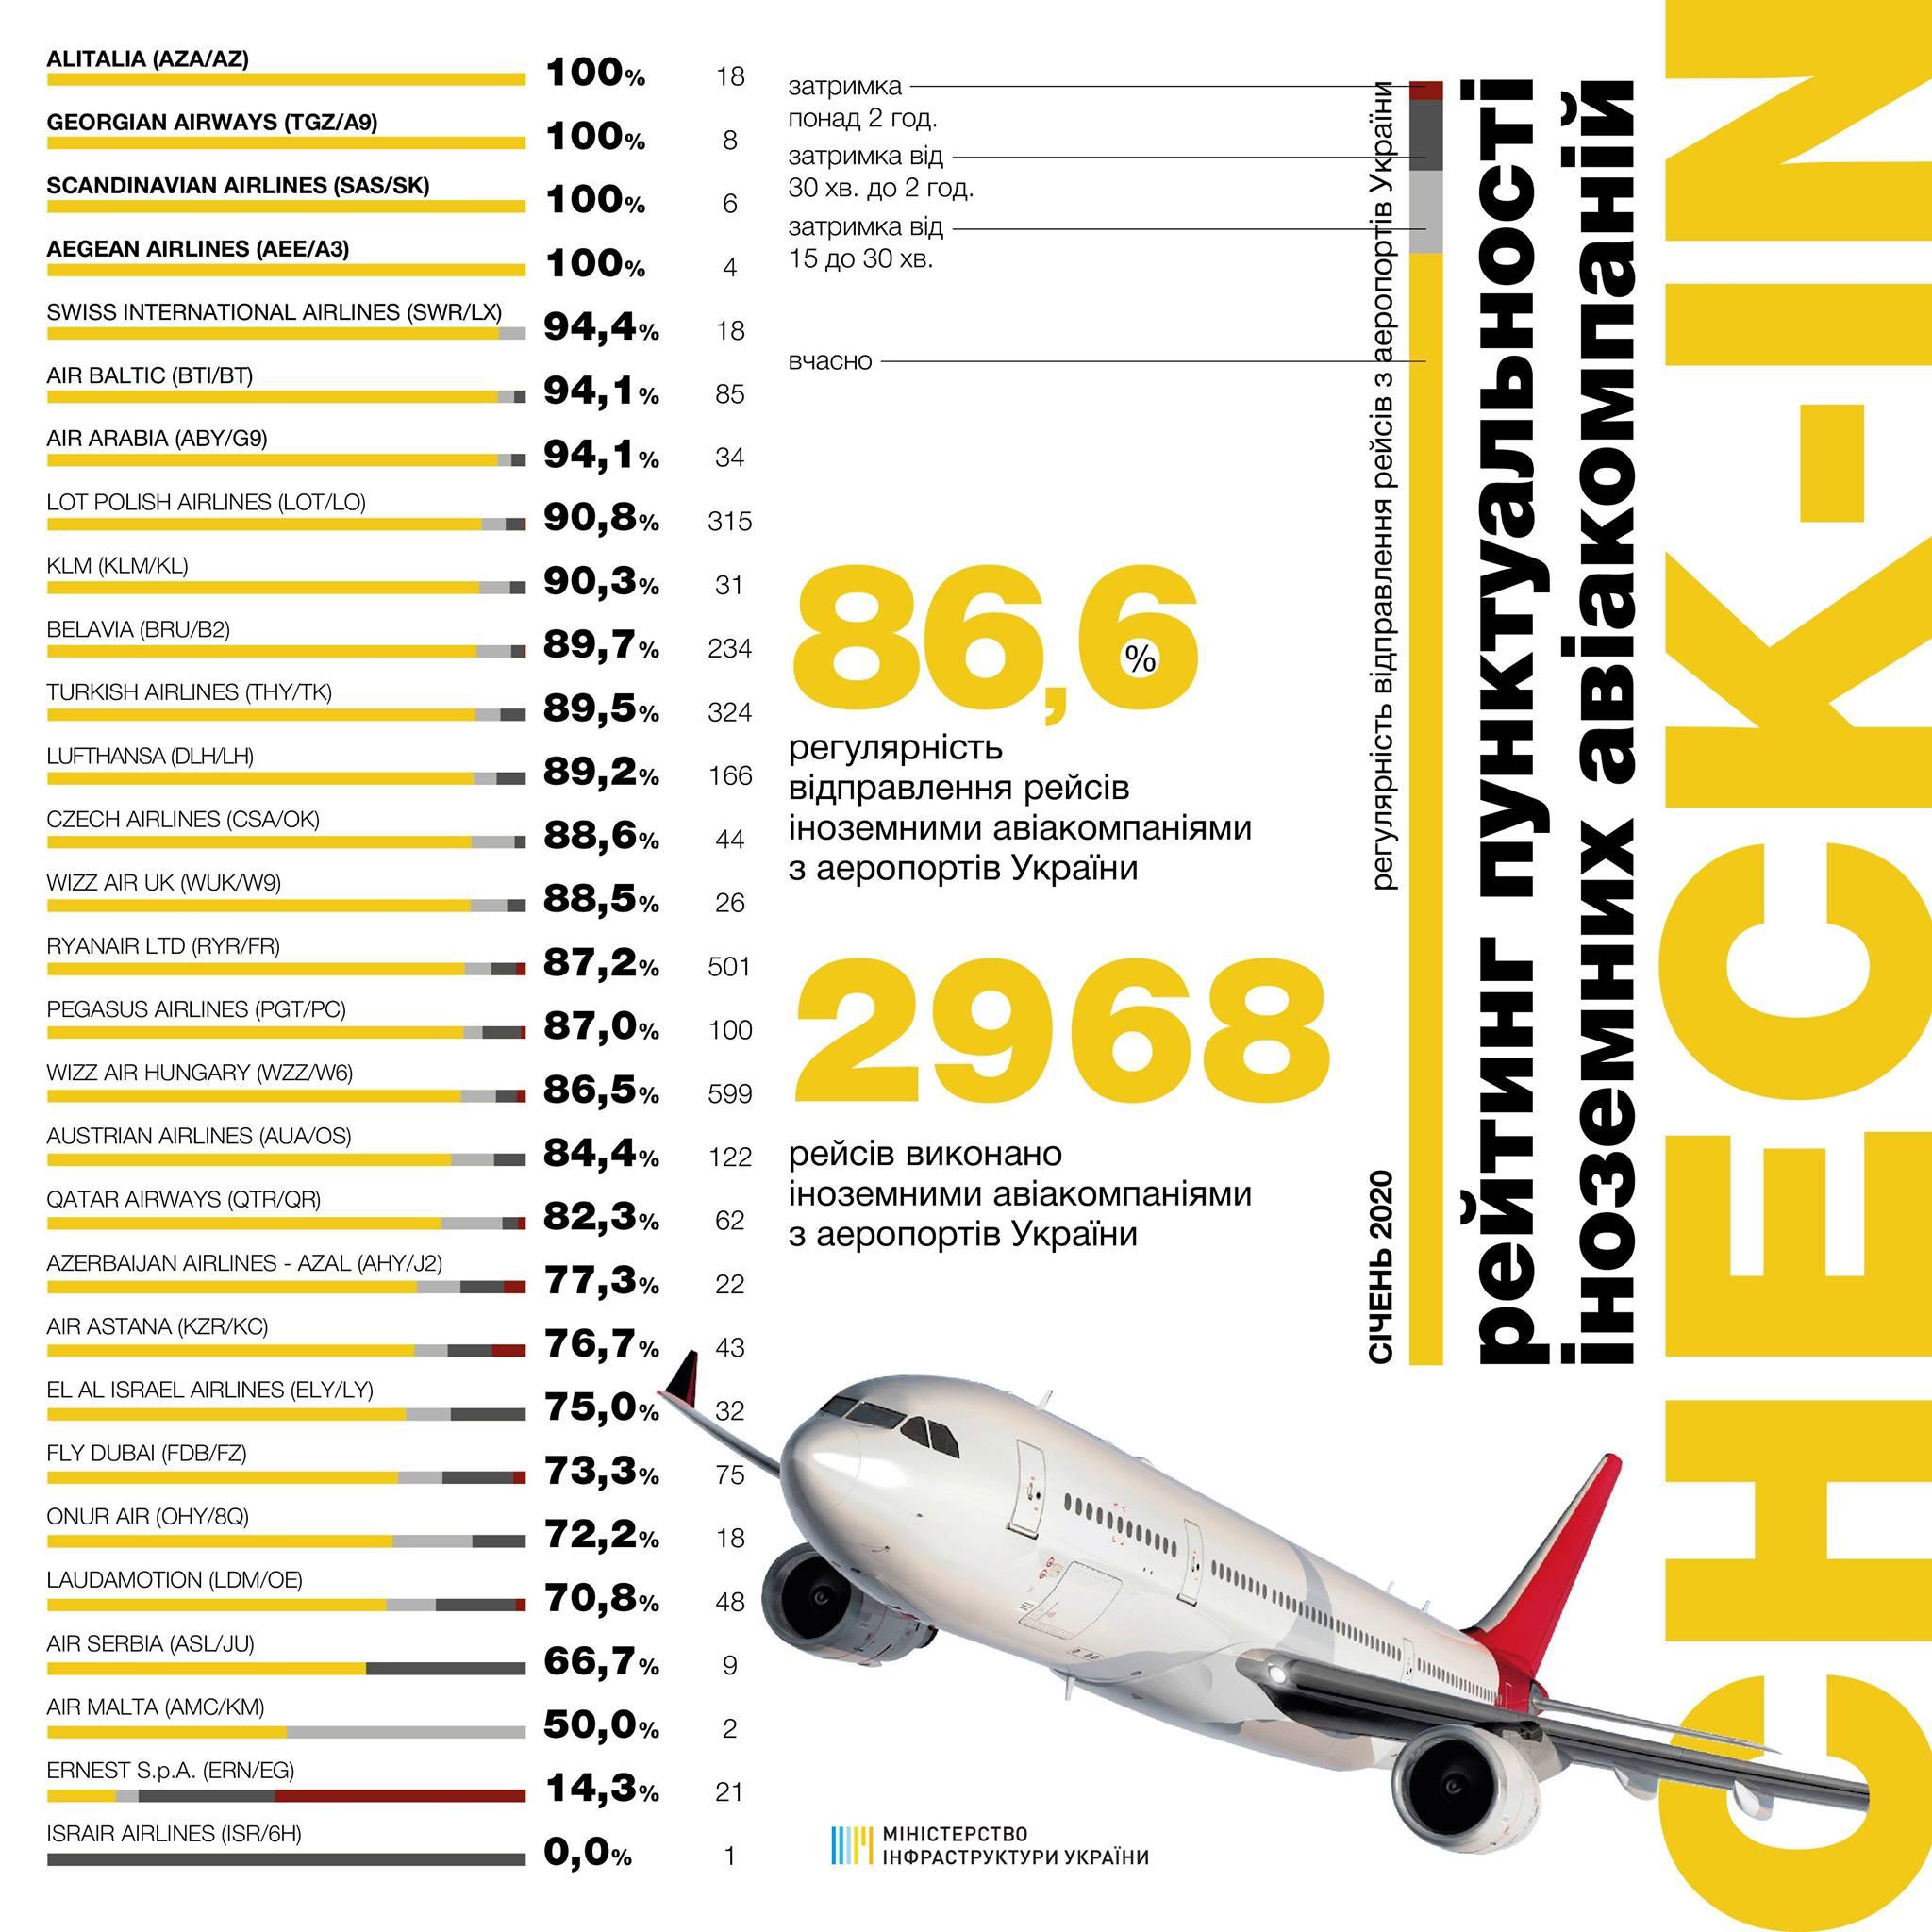 Пунктуальность иностранных авиакомпаний в январе 2020 года